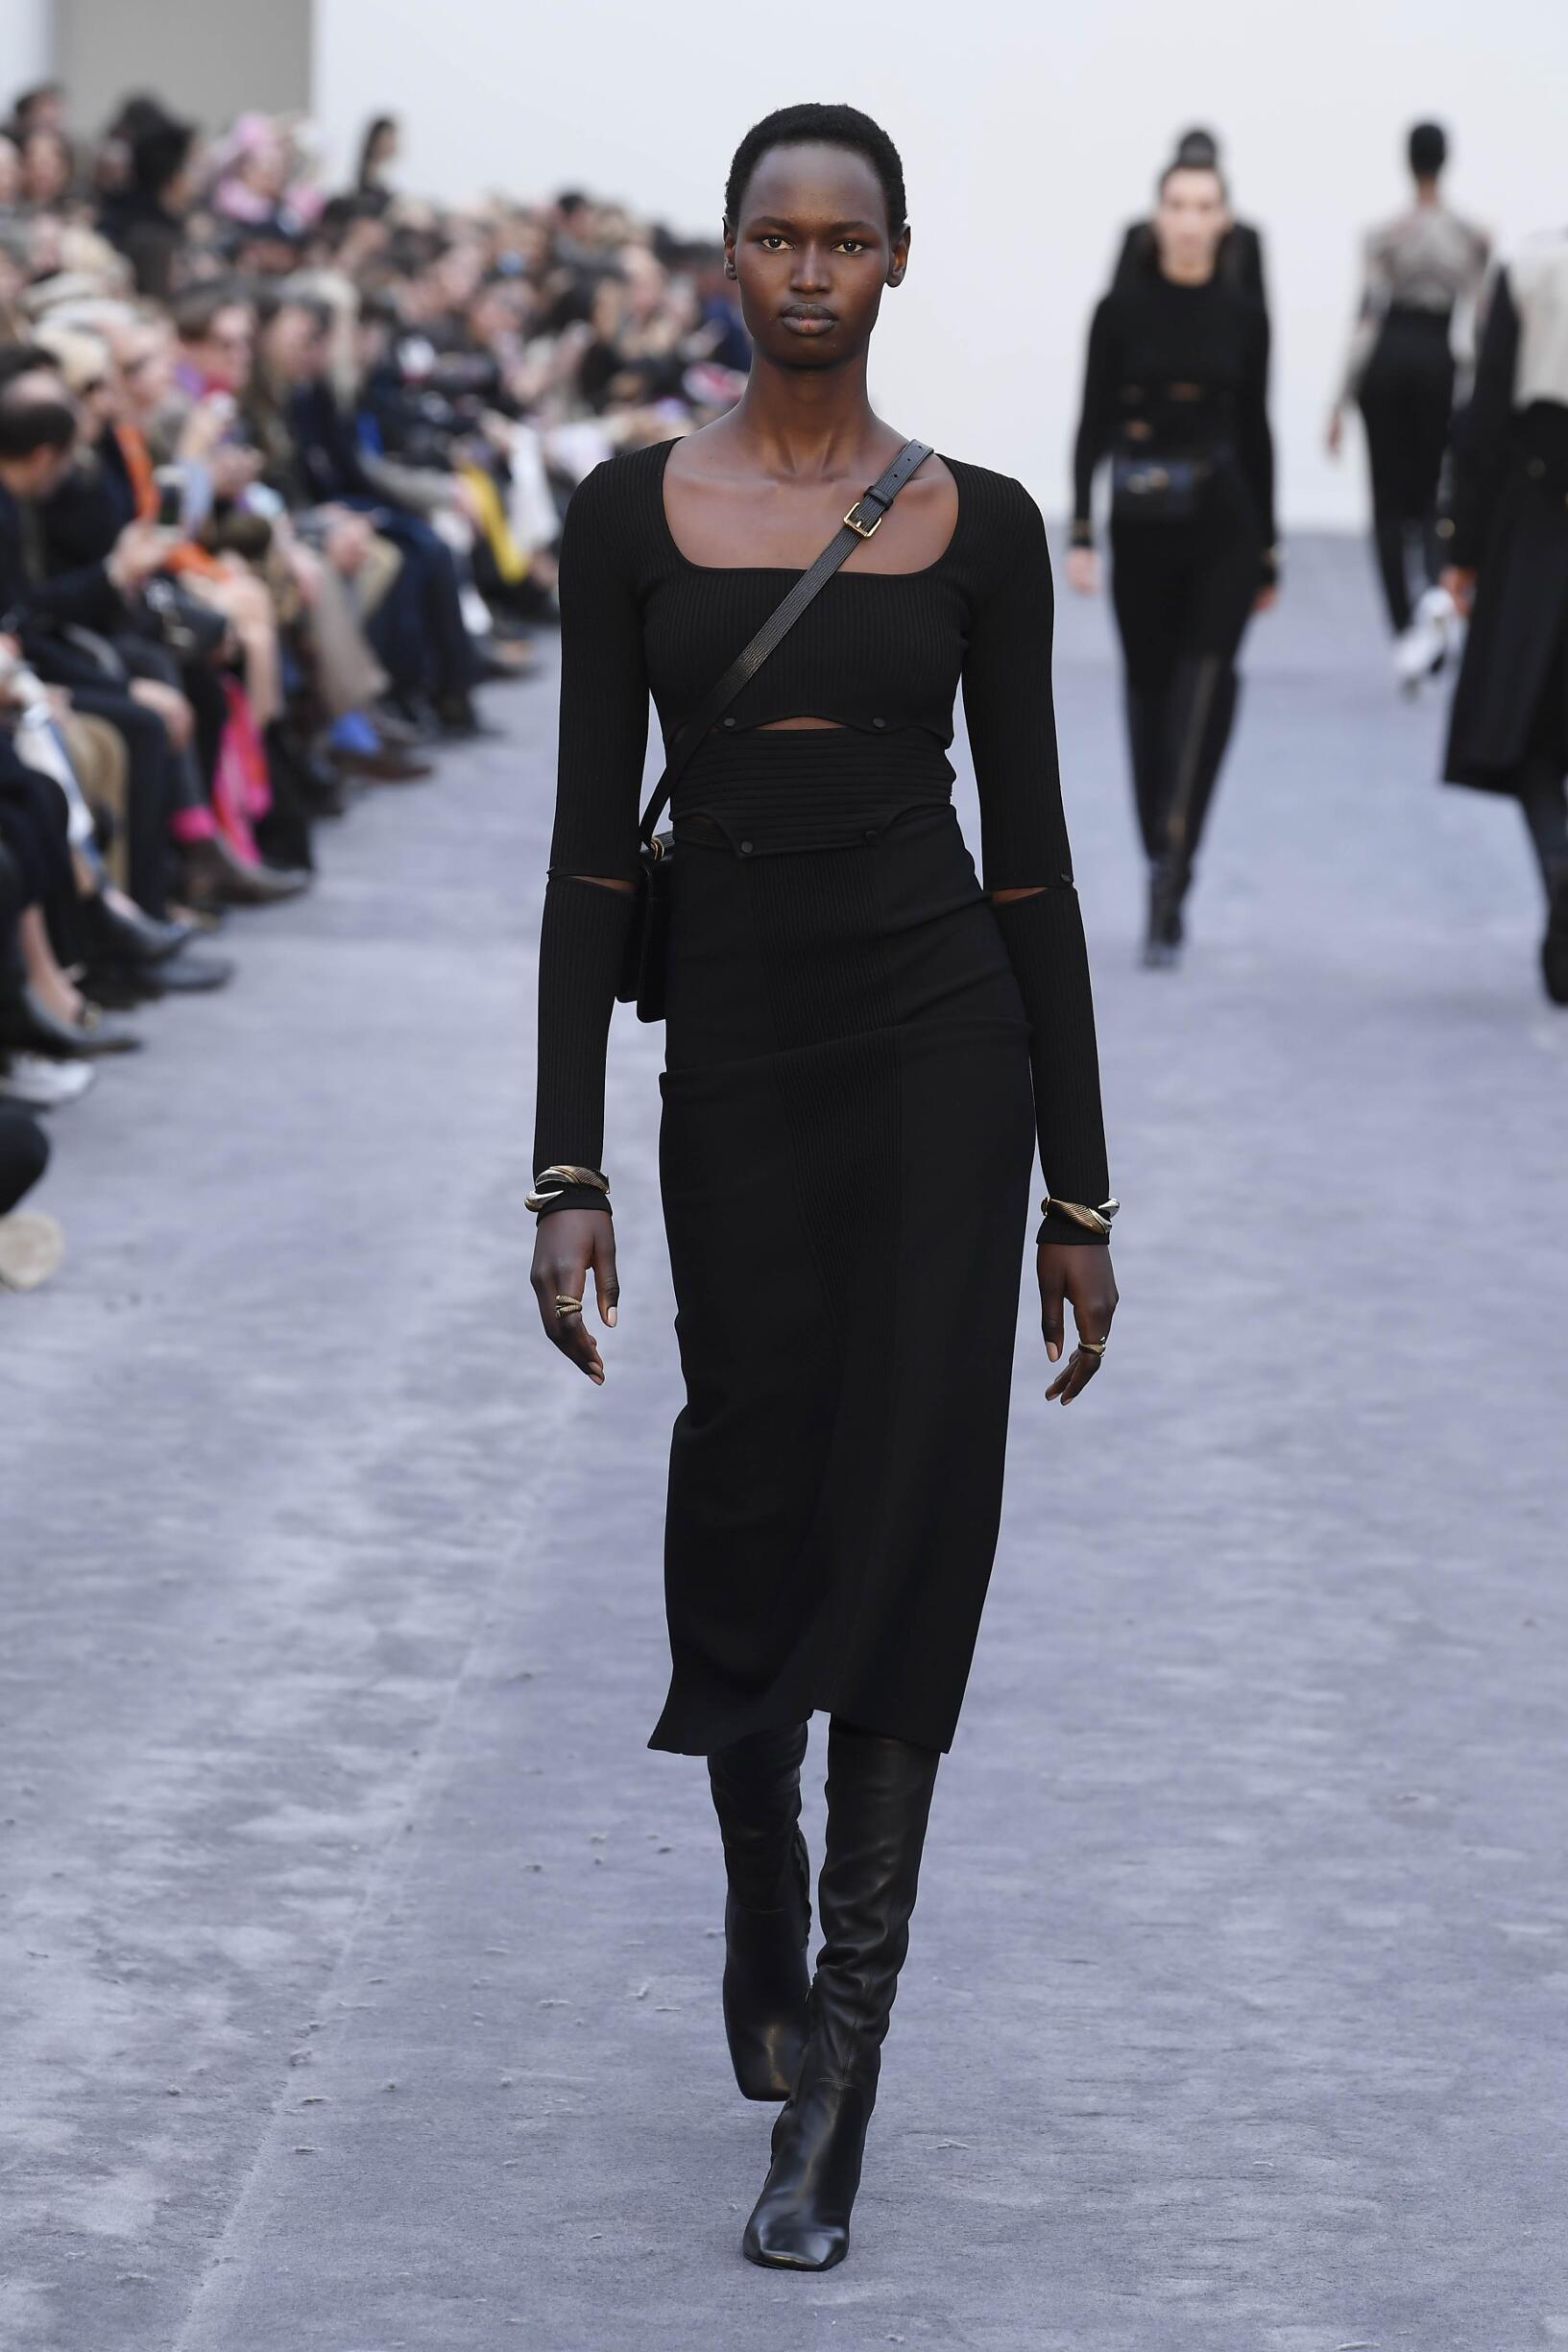 e55cd62cead7 Roberto Cavalli Menswear Collection Trends